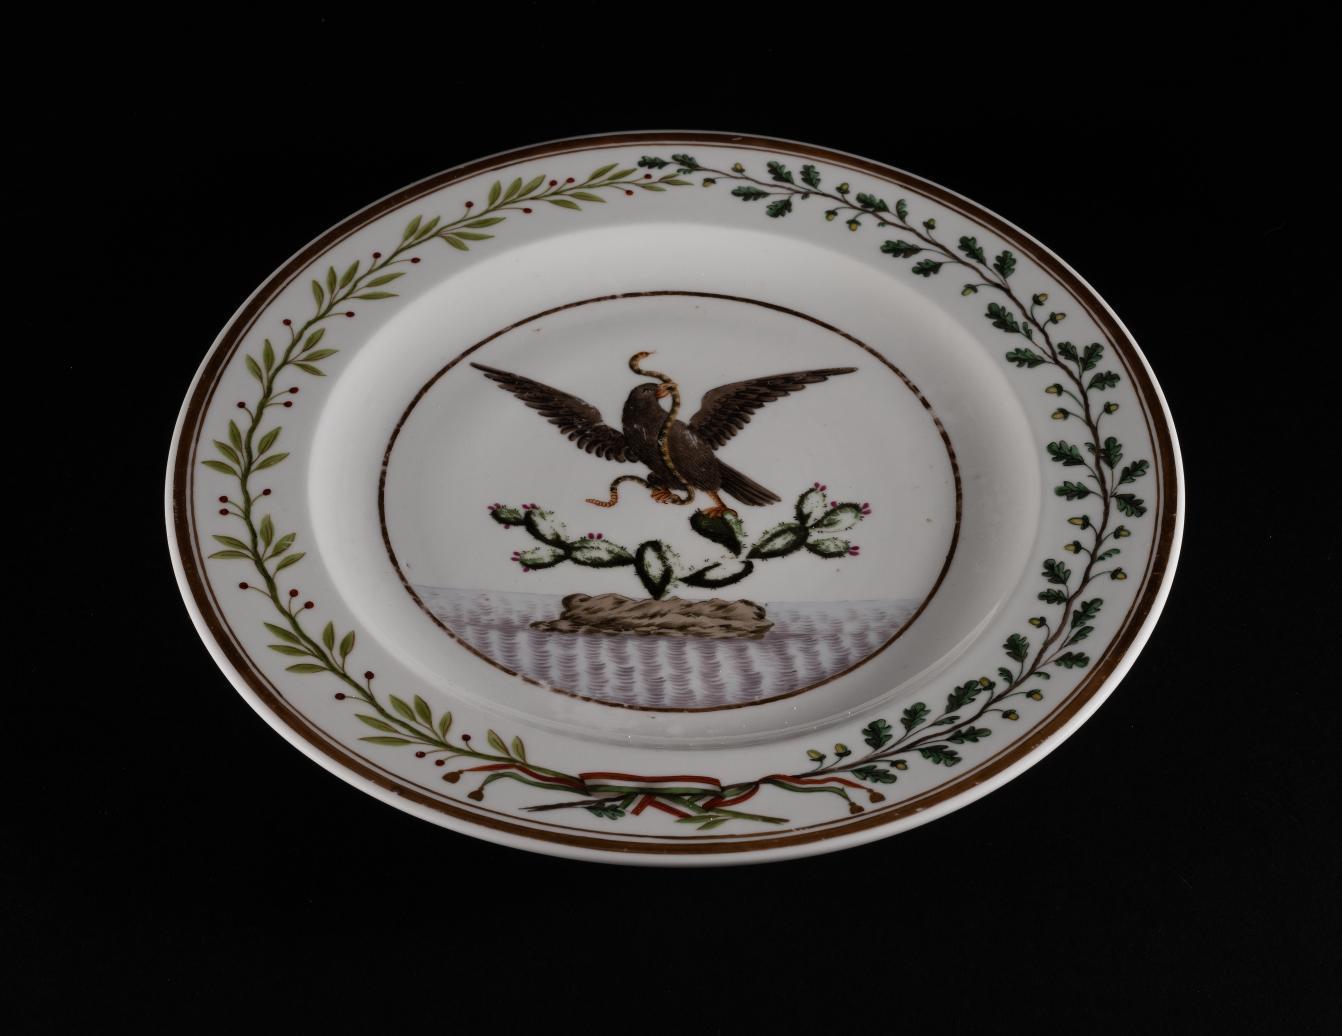 Teller aus dem Speiseservice von Kaiser Maximilian I. von Mexiko, Dekor: Mexikanisches Staatswappen